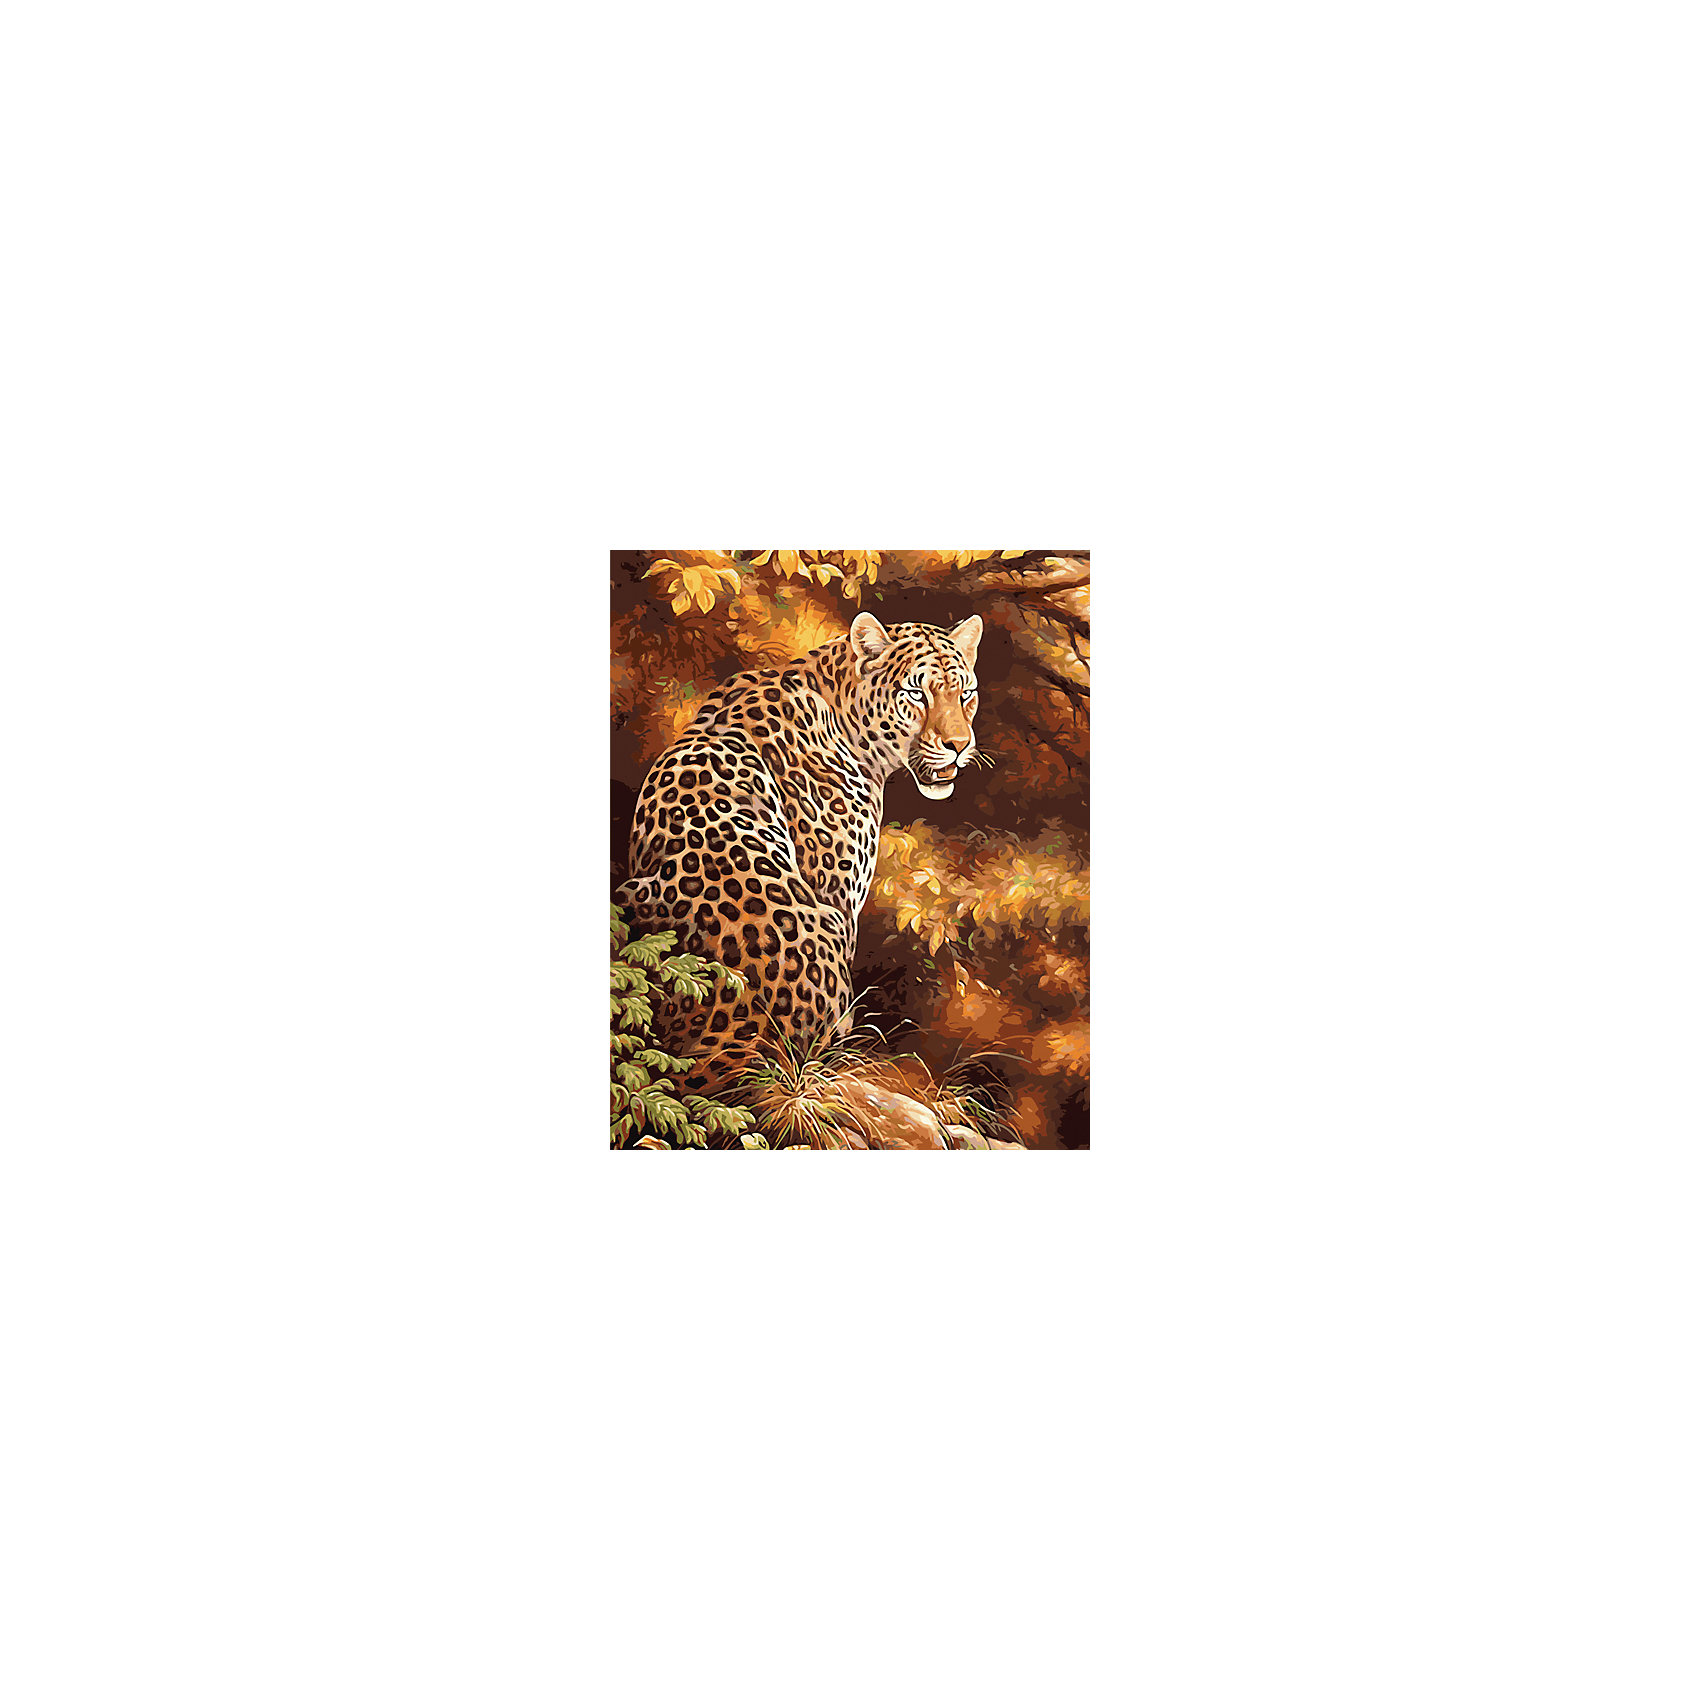 Холст с красками по номерам Грозный леопард 40х50 смРисование<br>замечательные наборы для создания уникального шедевра изобразительного искусства. Создание картин на специально подготовленной рабочей поверхности – это уникальная техника, позволяющая делать Ваши шедевры более яркими и реалистичными. Просто нанесите мазки на уже готовый эскиз и оживите картину! Готовые изделия могут стать украшением интерьера или прекрасным подарком близким и друзьям.<br><br>Ширина мм: 510<br>Глубина мм: 410<br>Высота мм: 25<br>Вес г: 900<br>Возраст от месяцев: 36<br>Возраст до месяцев: 108<br>Пол: Унисекс<br>Возраст: Детский<br>SKU: 5096762